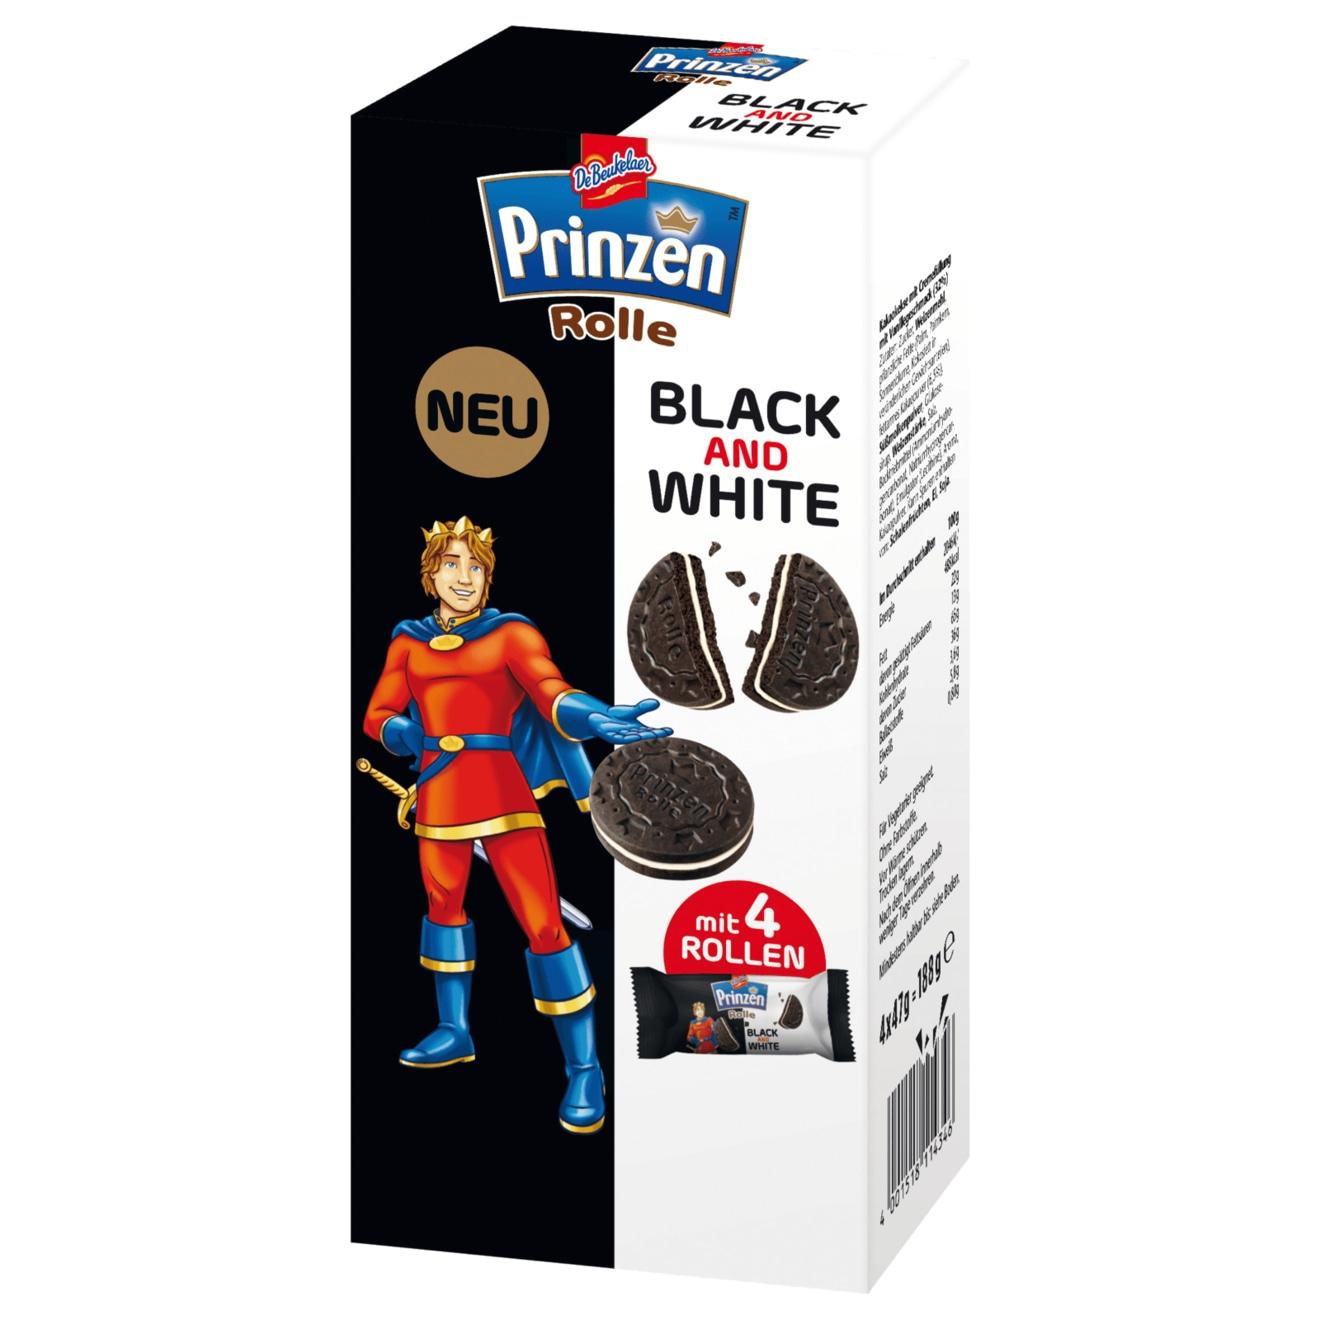 [Kaufland ab 10.09] De Beukelaer Prinzenrolle Black And White 188g Packung für 0,47€ durch Coupon